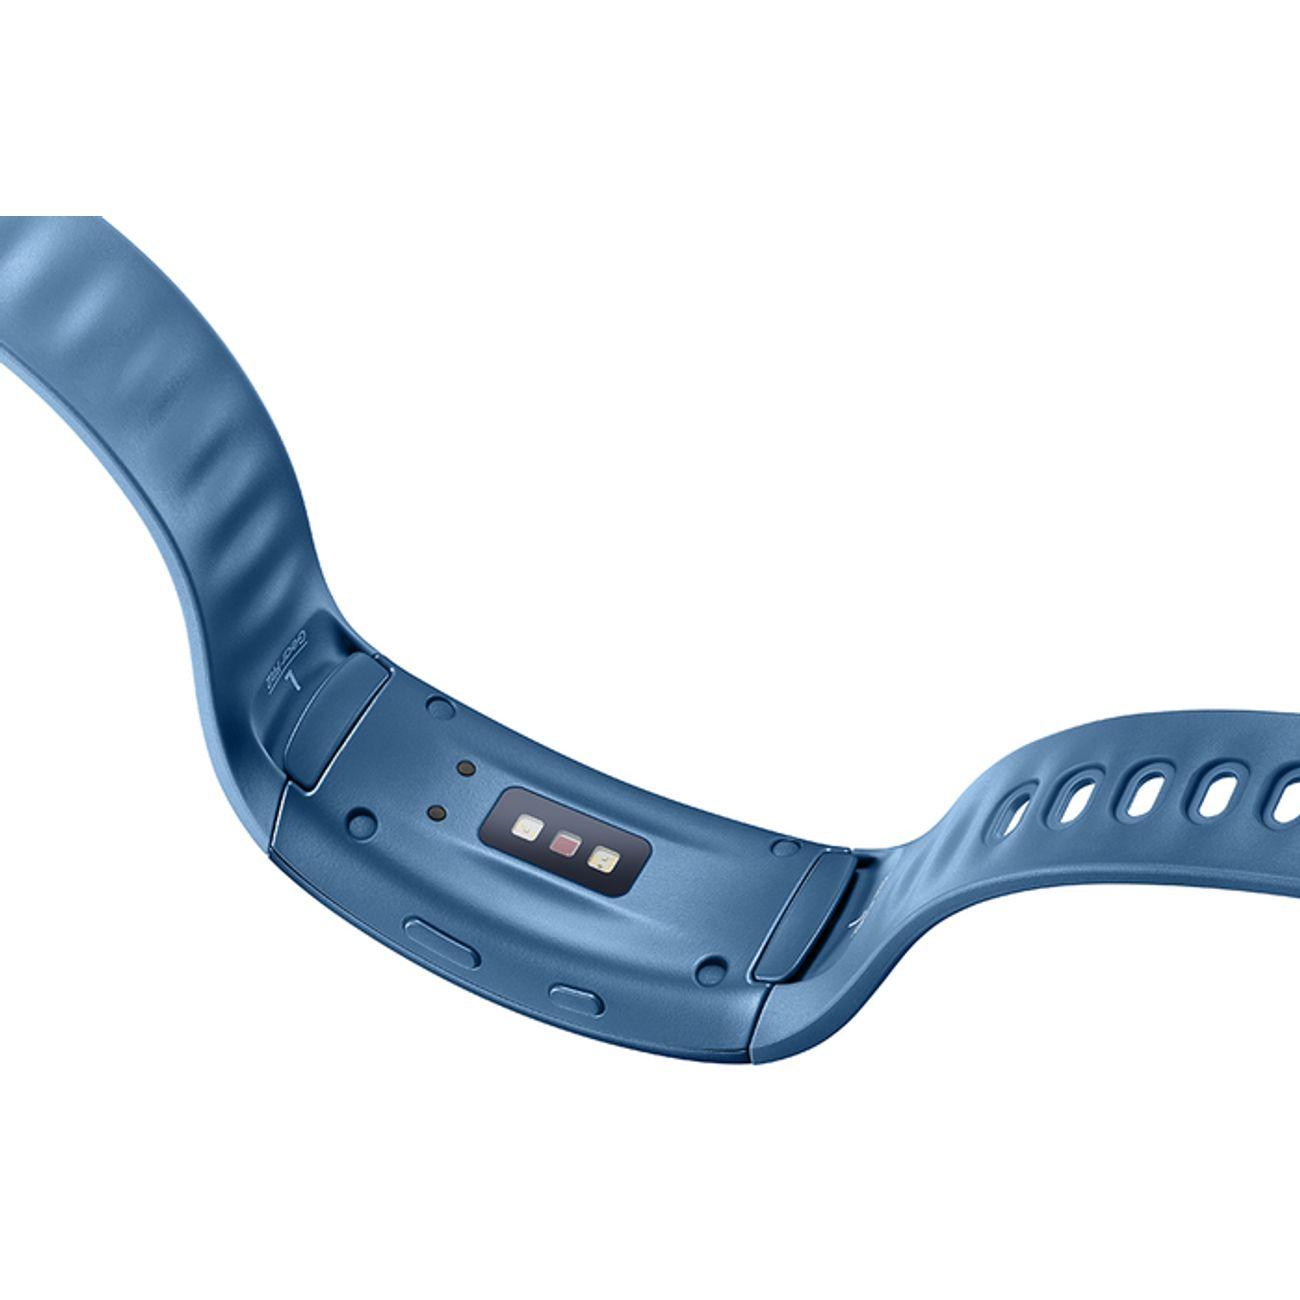 BRACELET CONNECTE Fitness  SAMSUNG GEAR FIT 2 BLANC TAILLE L